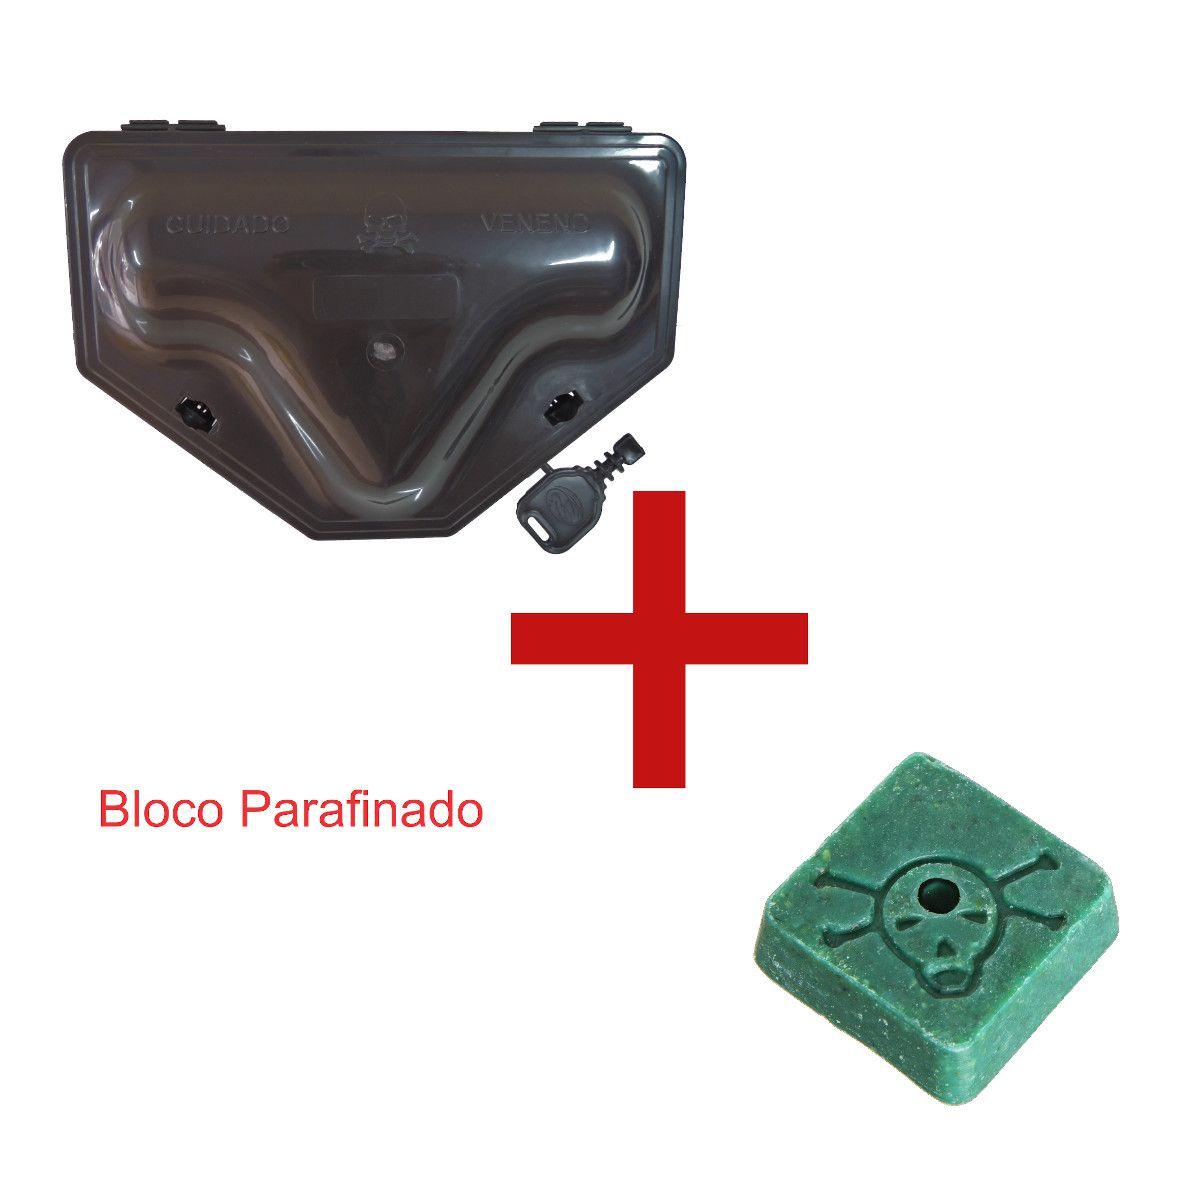 67 Porta Iscas C/ Duplo Travamento + 67 Bloco Parafinado